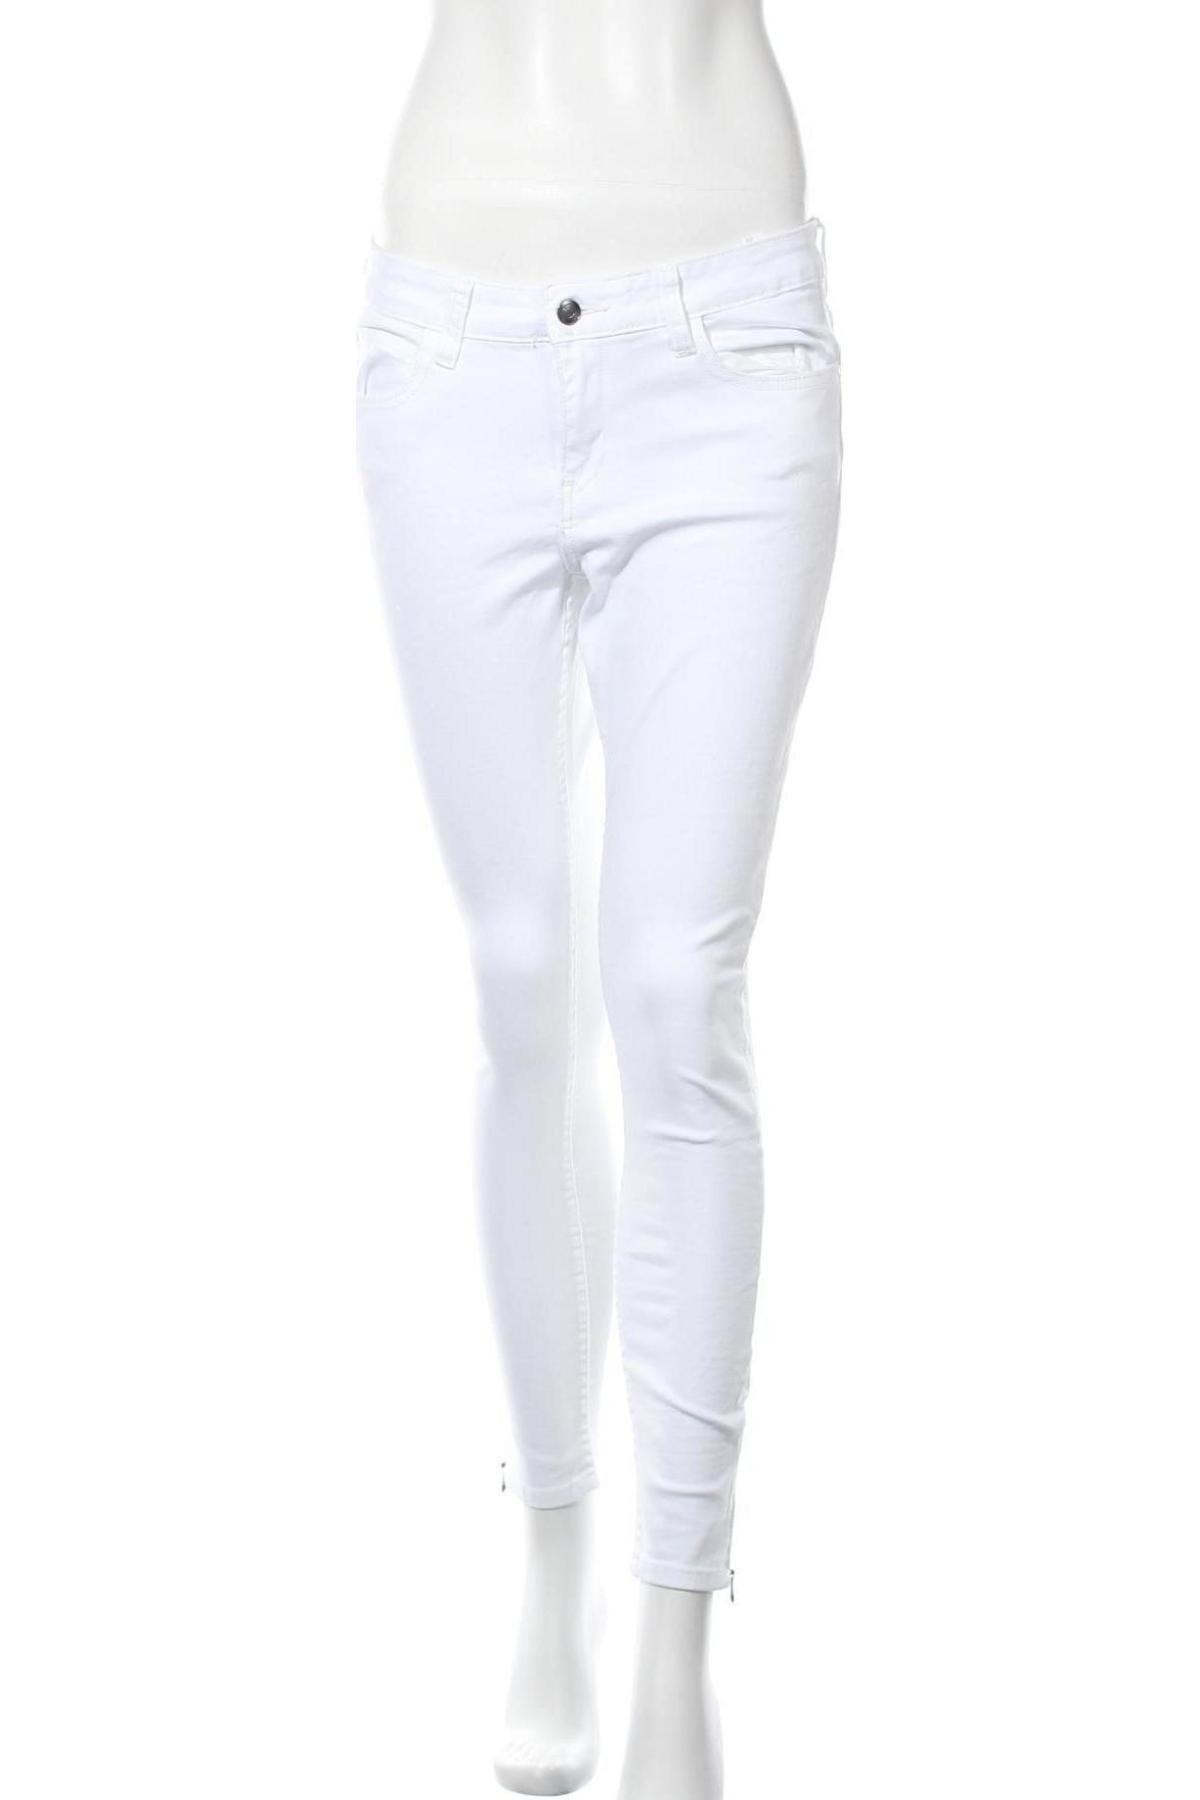 Дамски дънки Kiomi, Размер L, Цвят Бял, 98% памук, 2% еластан, Цена 46,50лв.